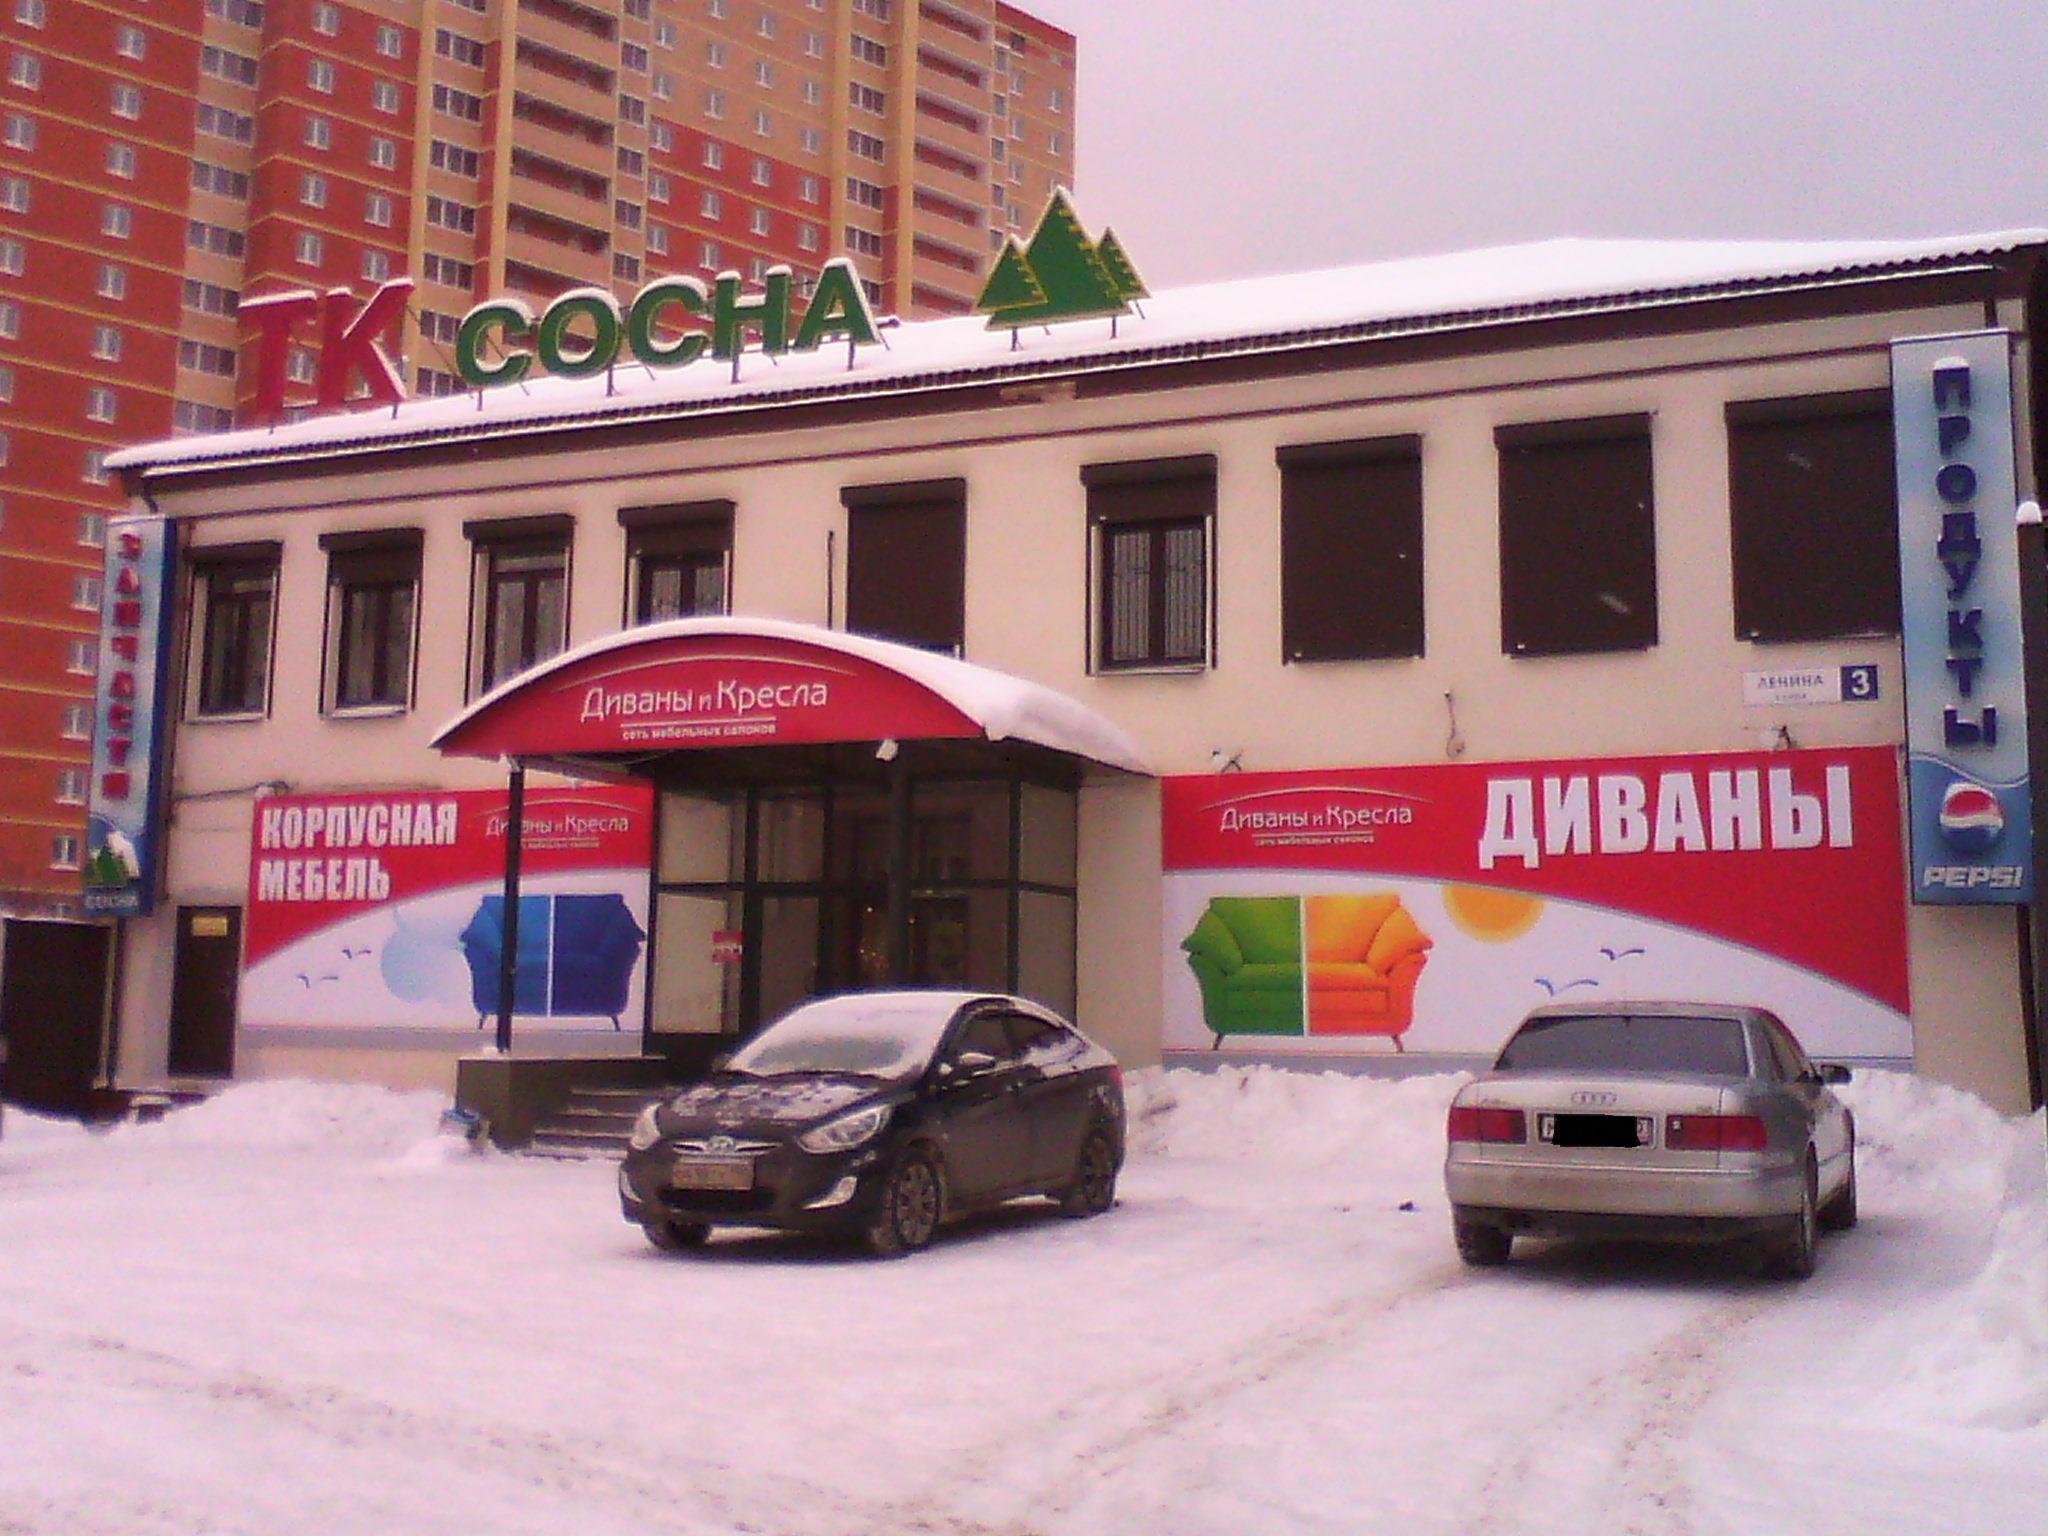 Диван дудинка фабрика в Москве